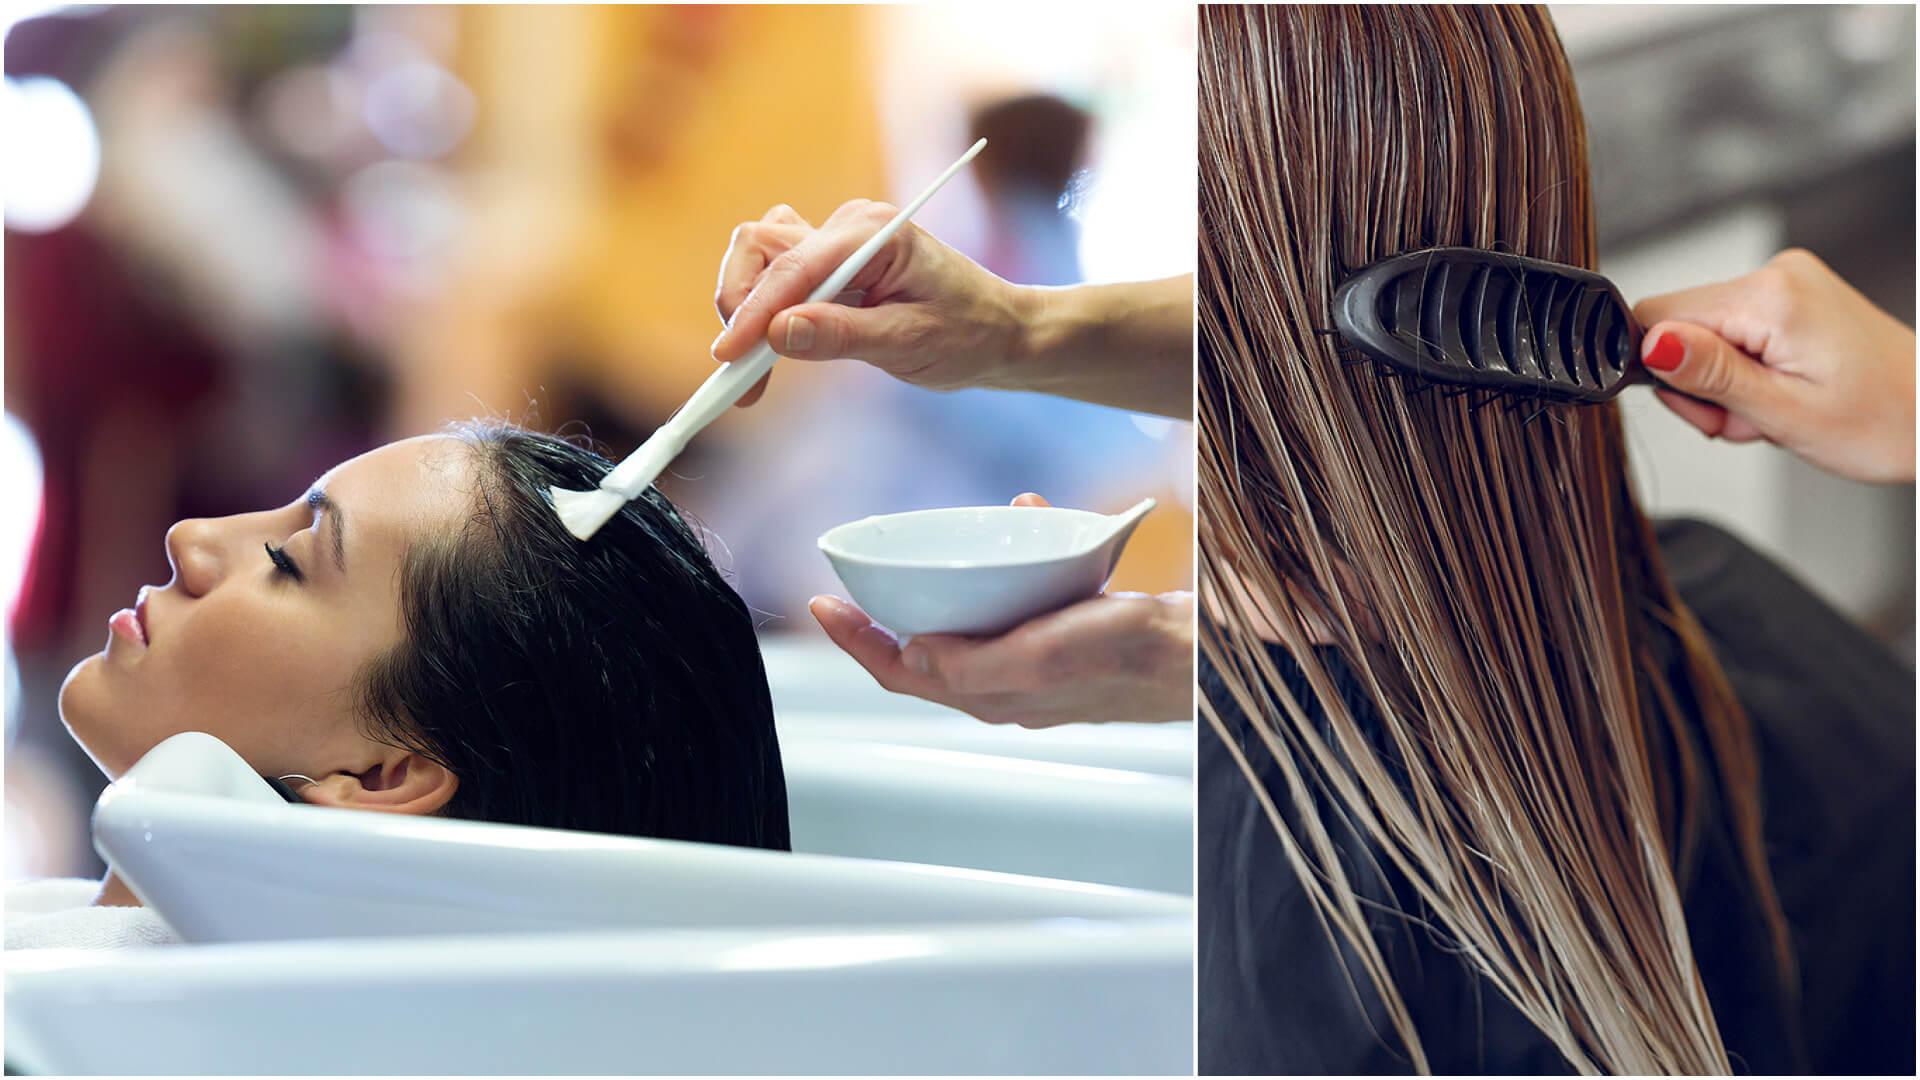 Bojanje kose balayage tehnikom koloracije kose